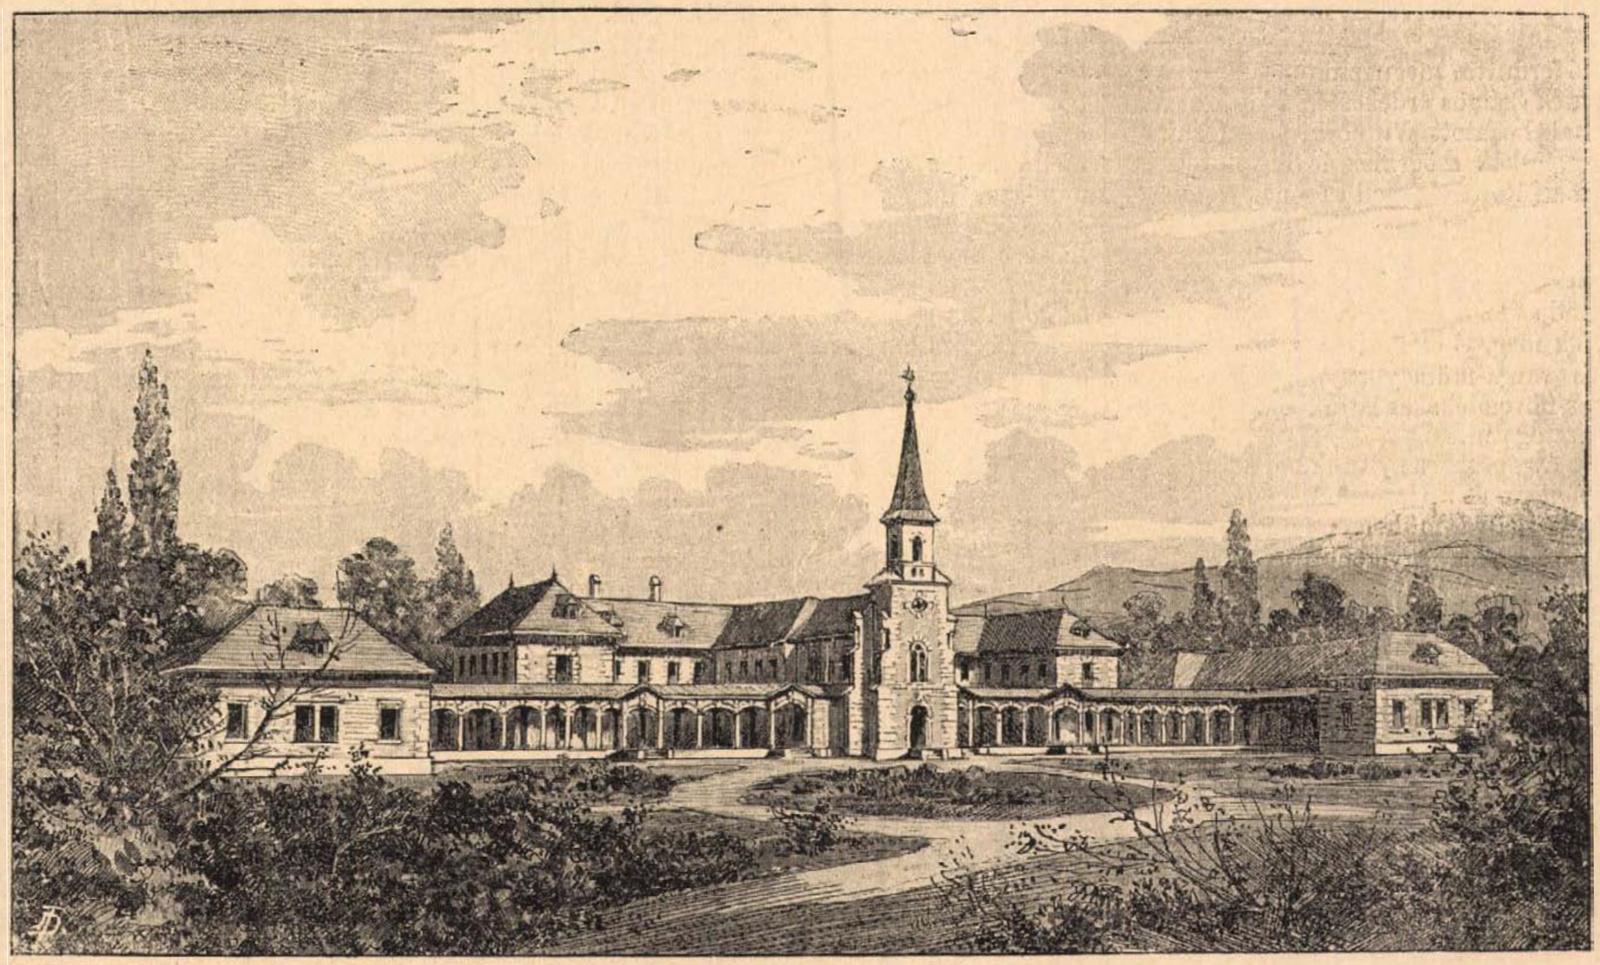 ClarisseumGyerekmenhely-1880asEvek-ybl.bparchiv.hu